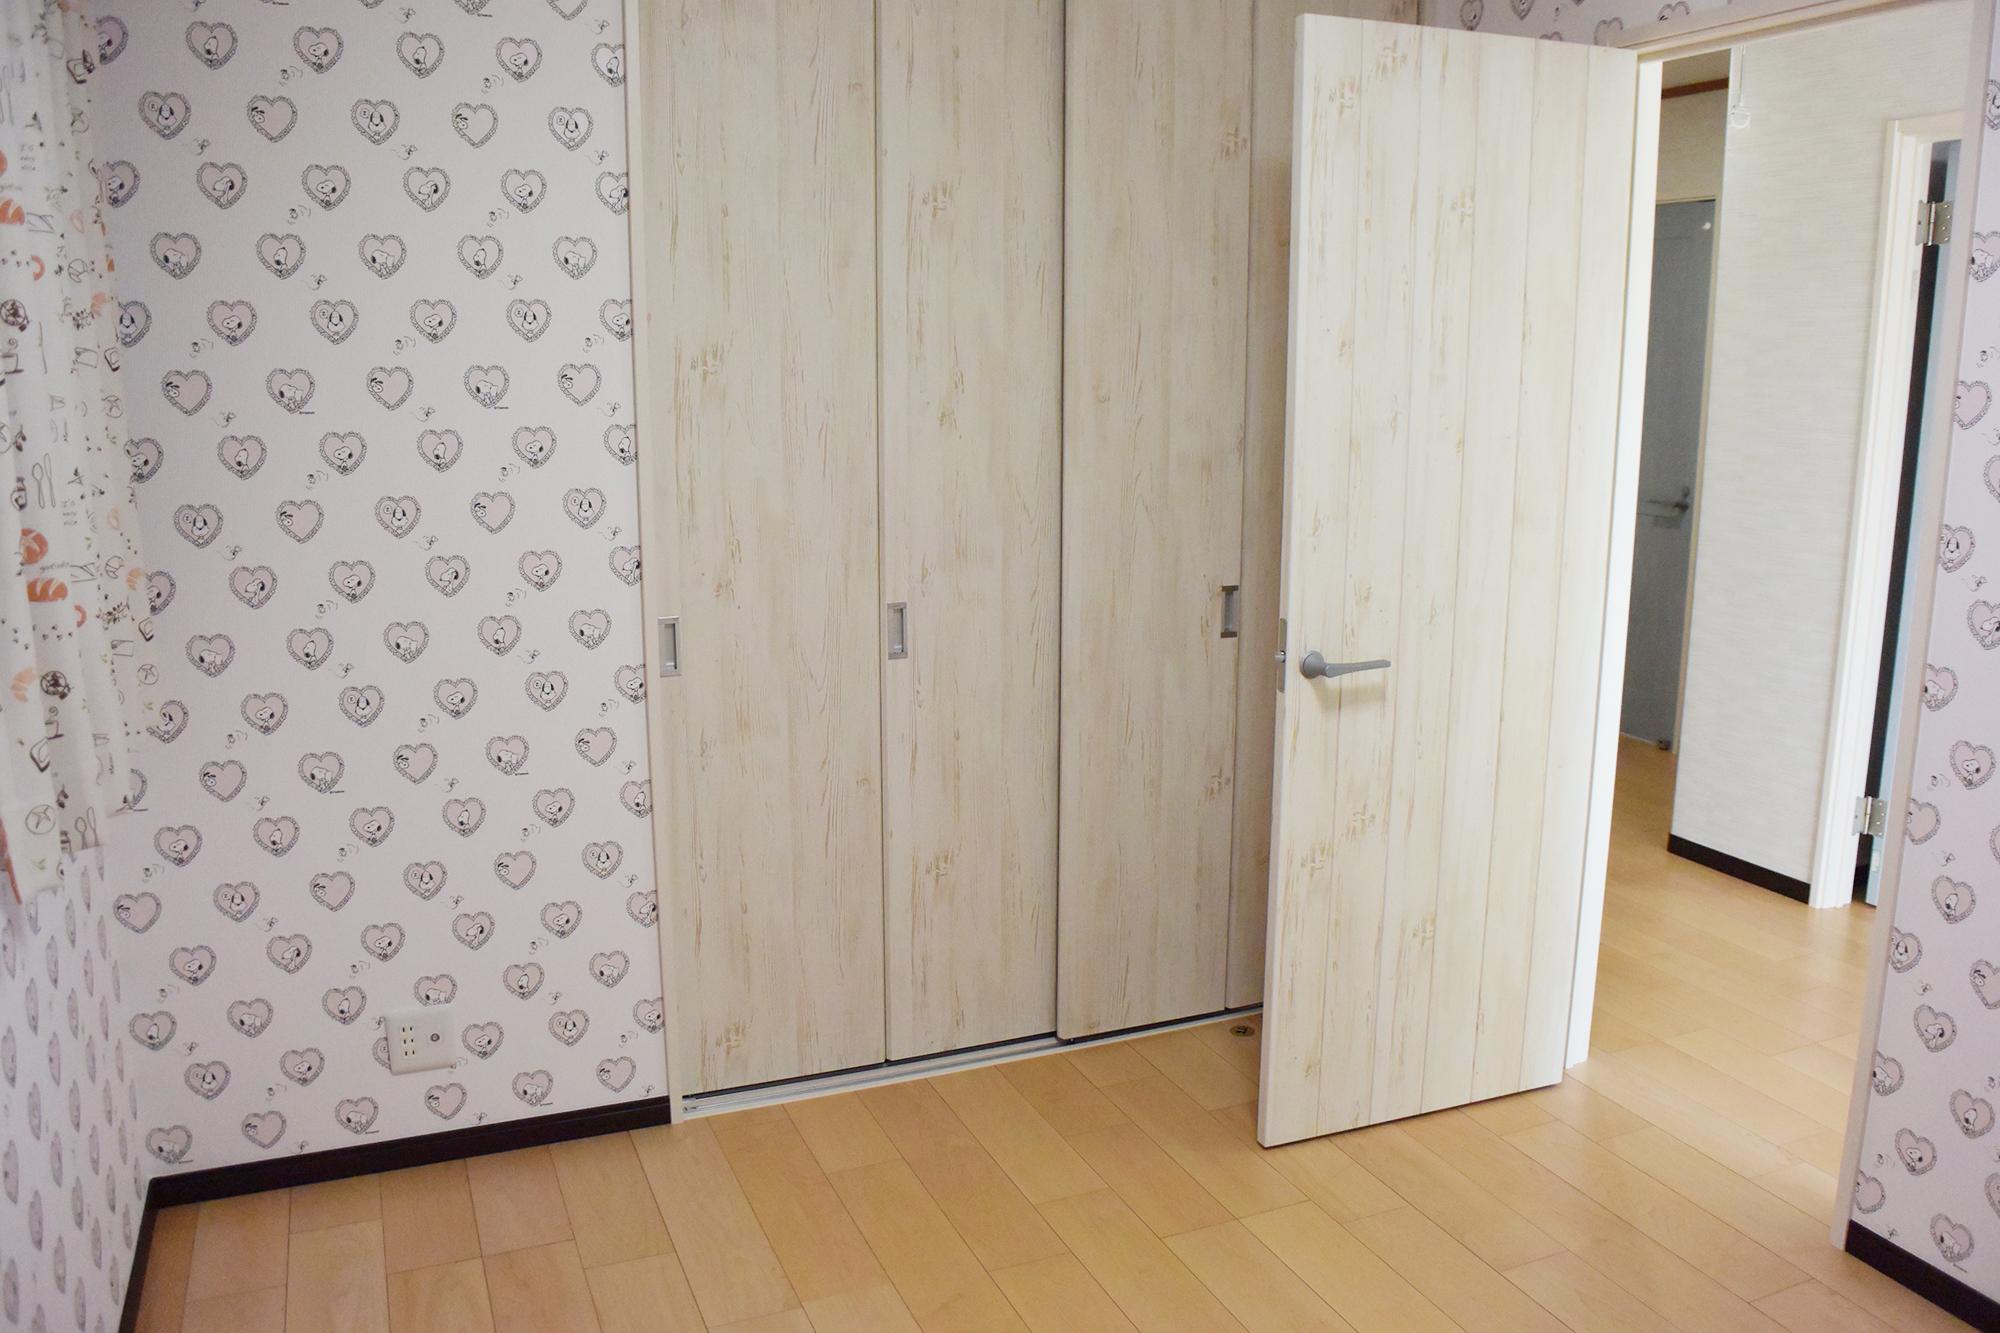 2F、二部屋ある子供室。建具も壁紙もとても可愛いくて素敵です。